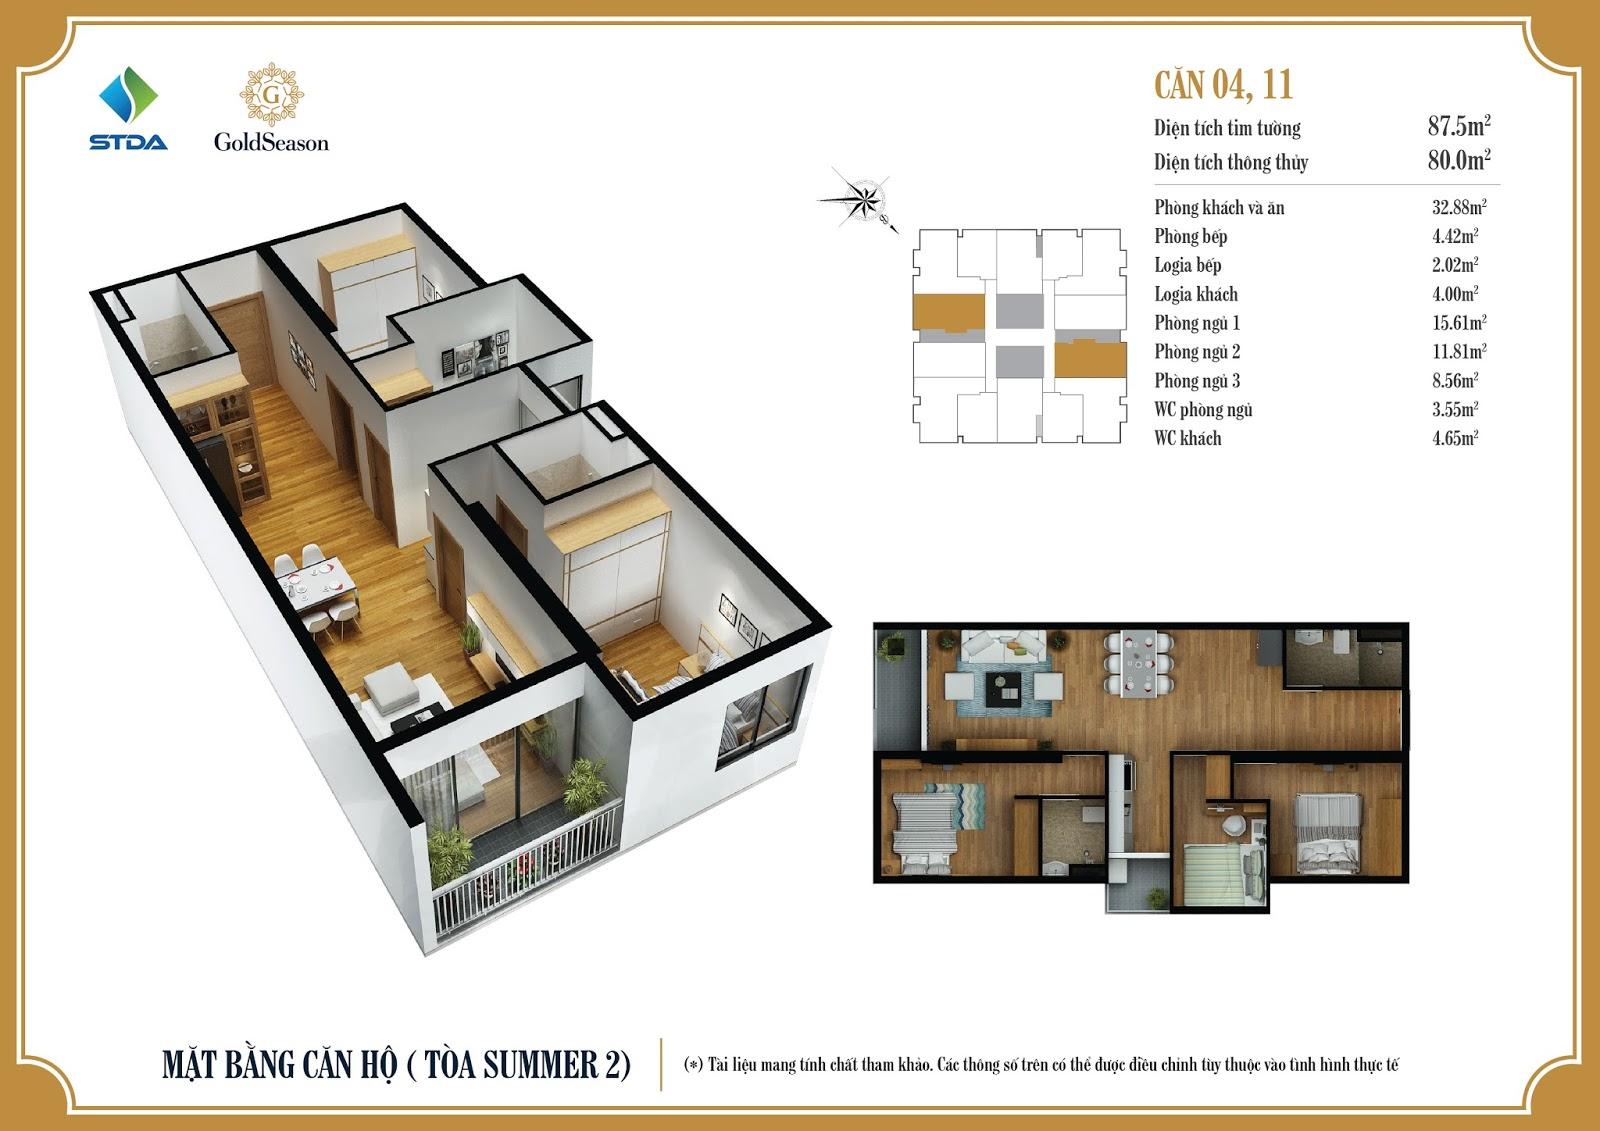 Mặt bằng căn hộ 04, 11 - 84,4m2 - GoldSeason